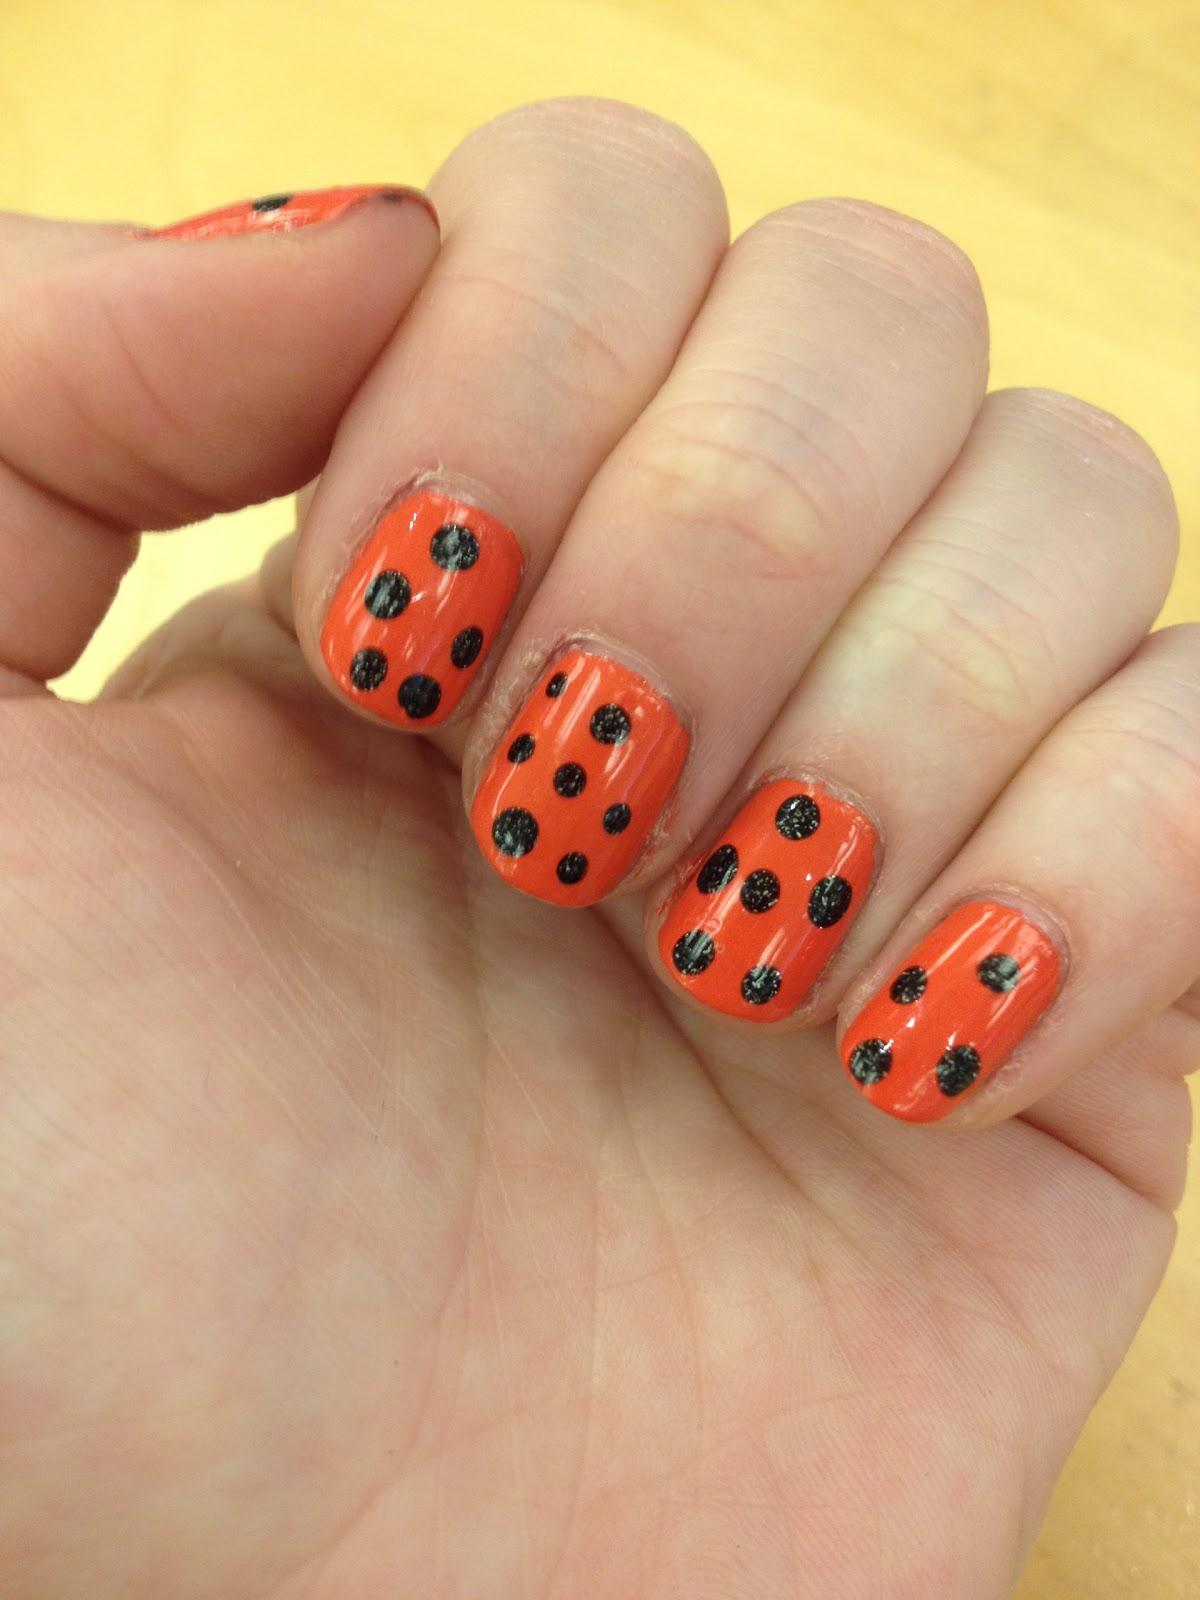 The Beauty of Life: Happy Halloween! Polka Dot Nail Art with ...